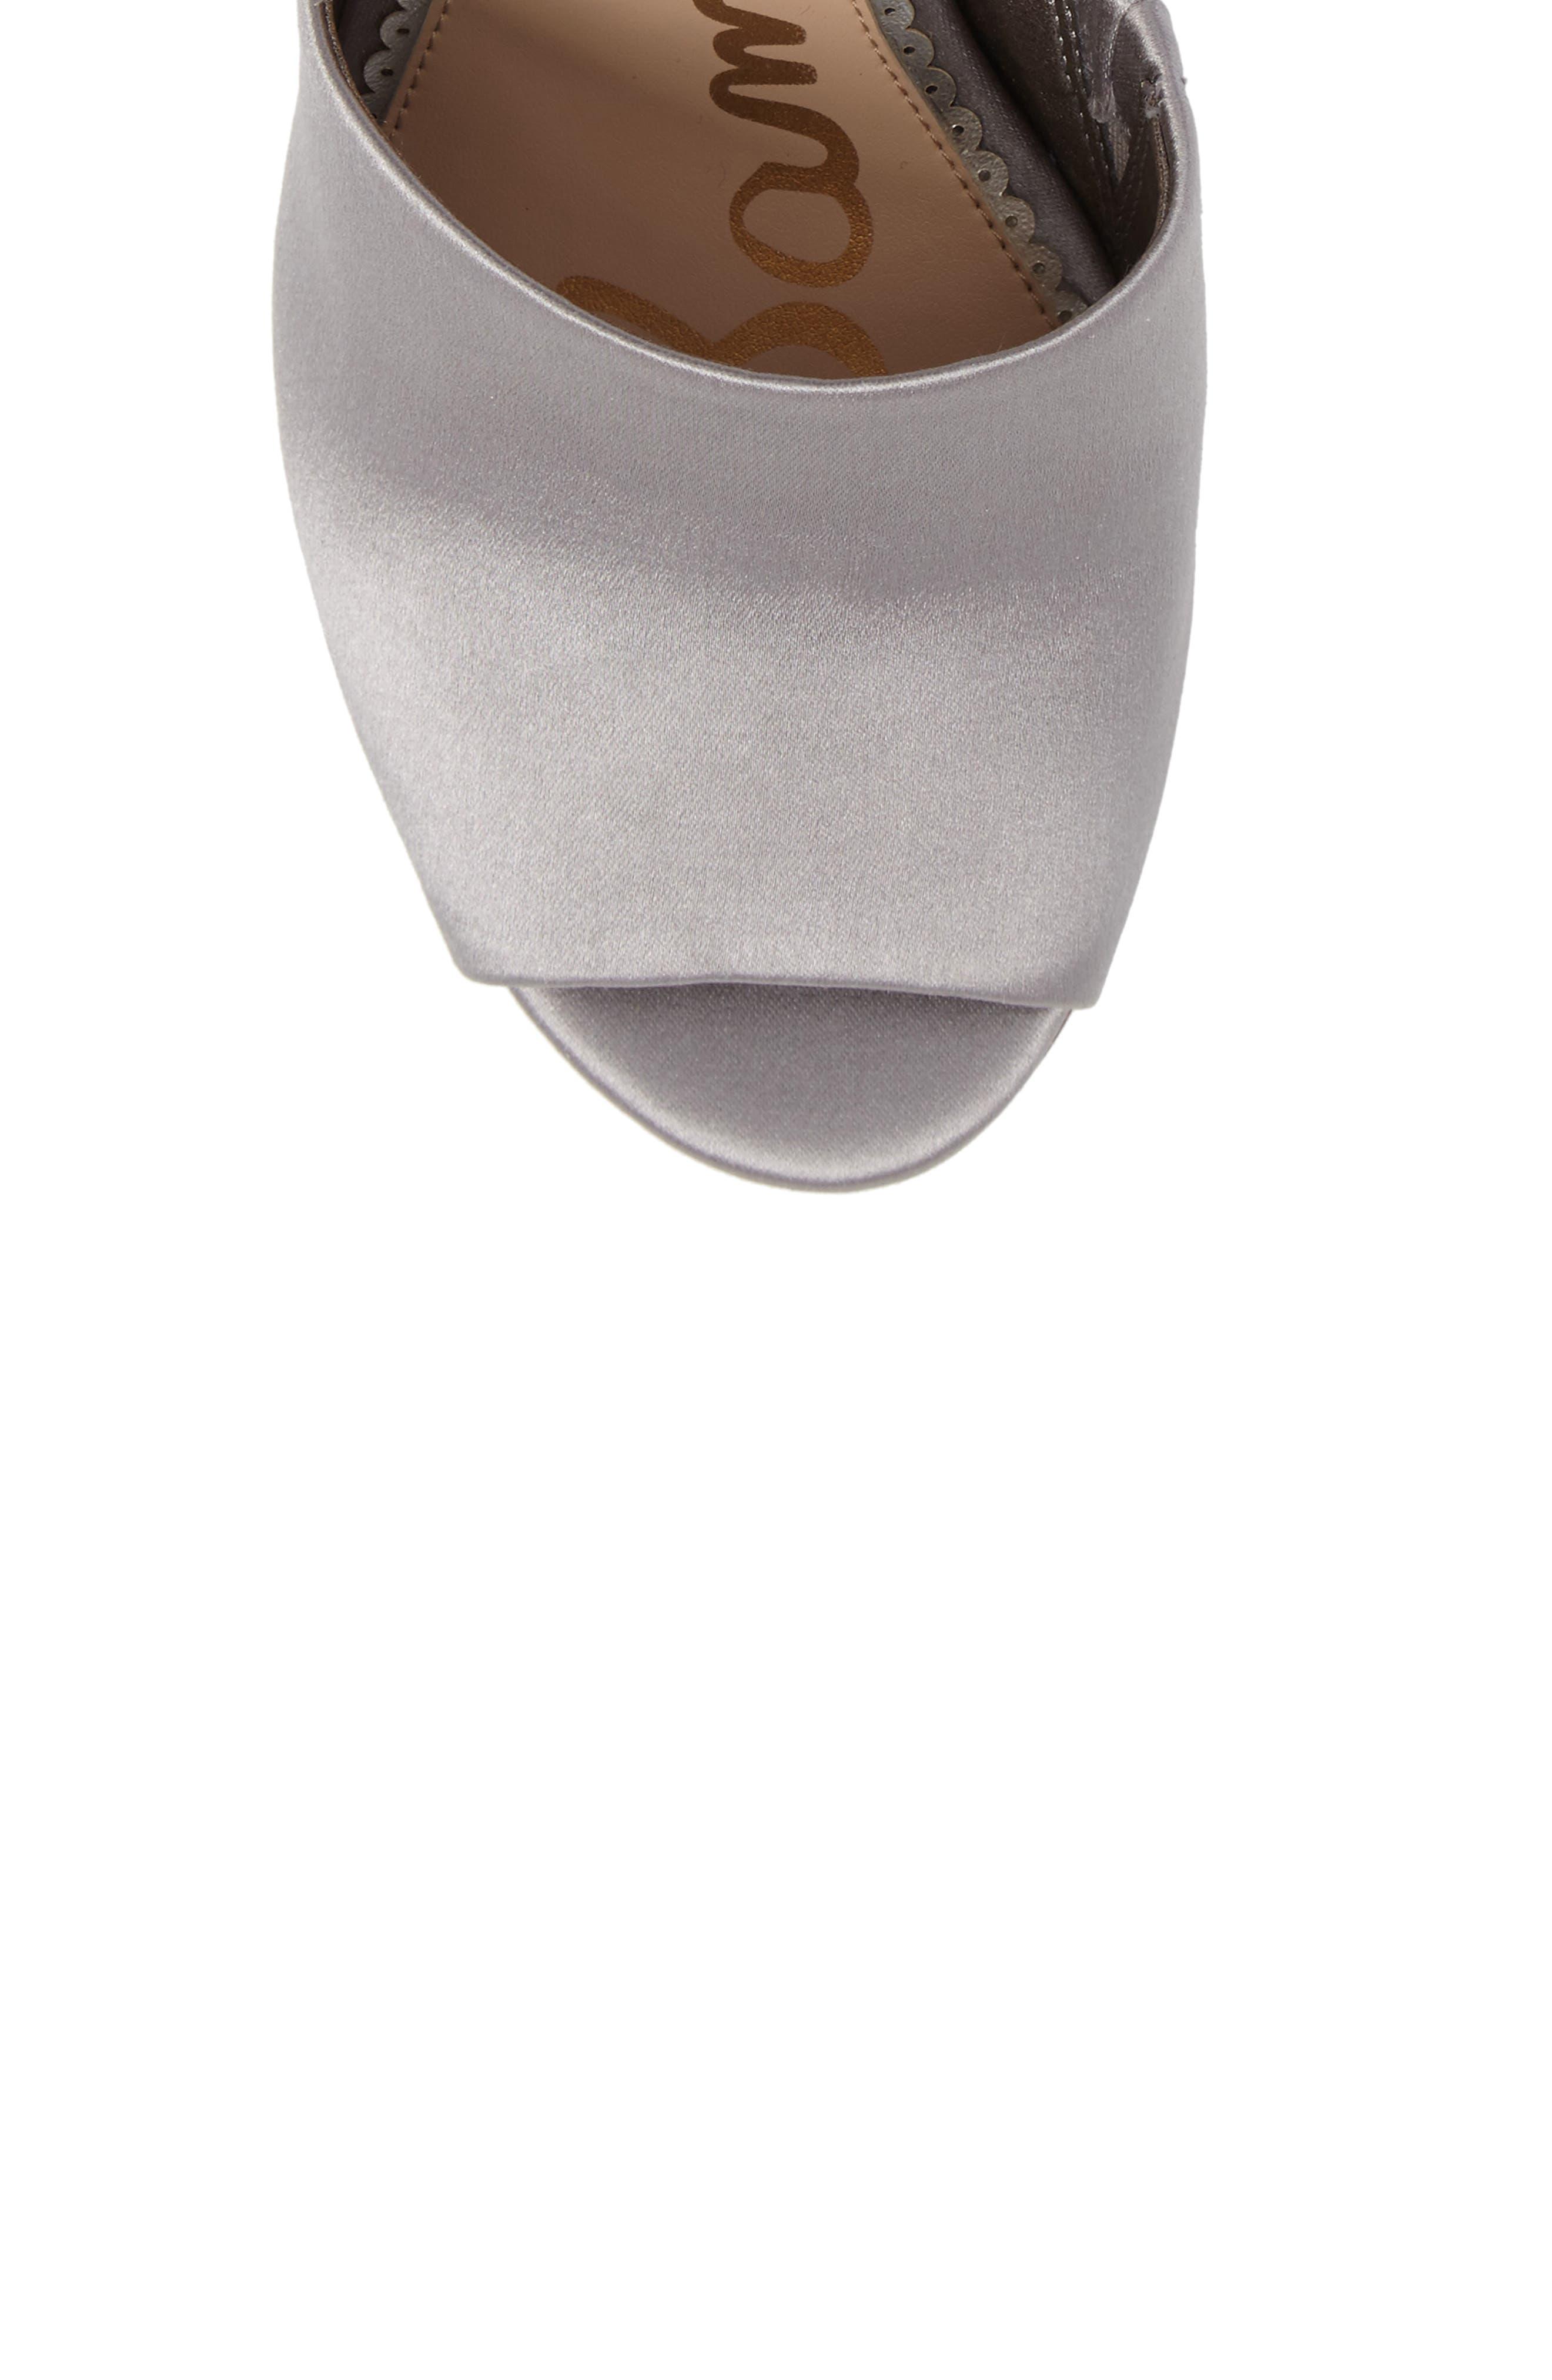 Odele Sandal,                             Alternate thumbnail 5, color,                             Light Grey Satin